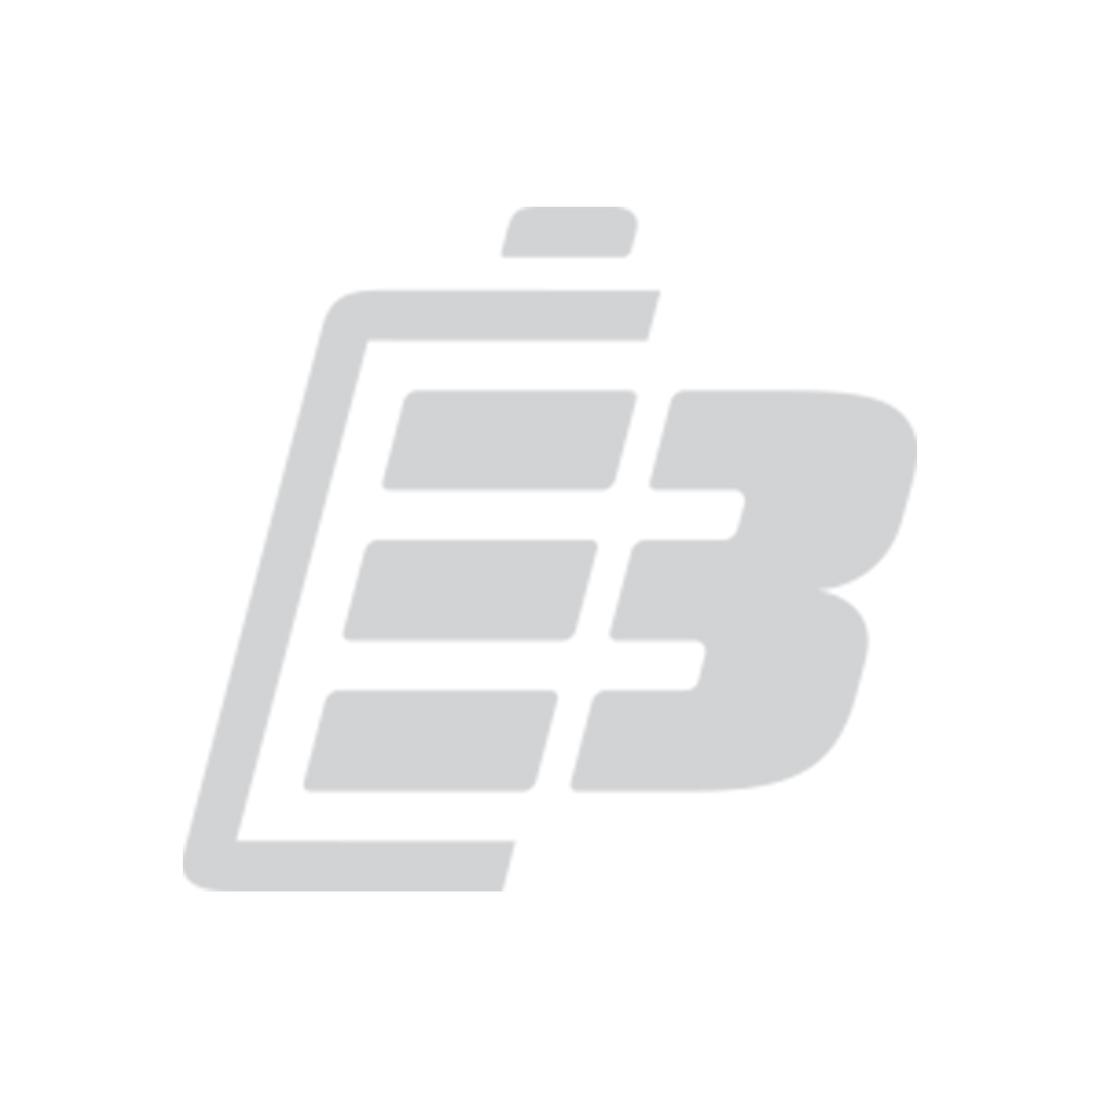 Μπαταρία φωτογραφικής μηχανής Samsung SLB-10A_1